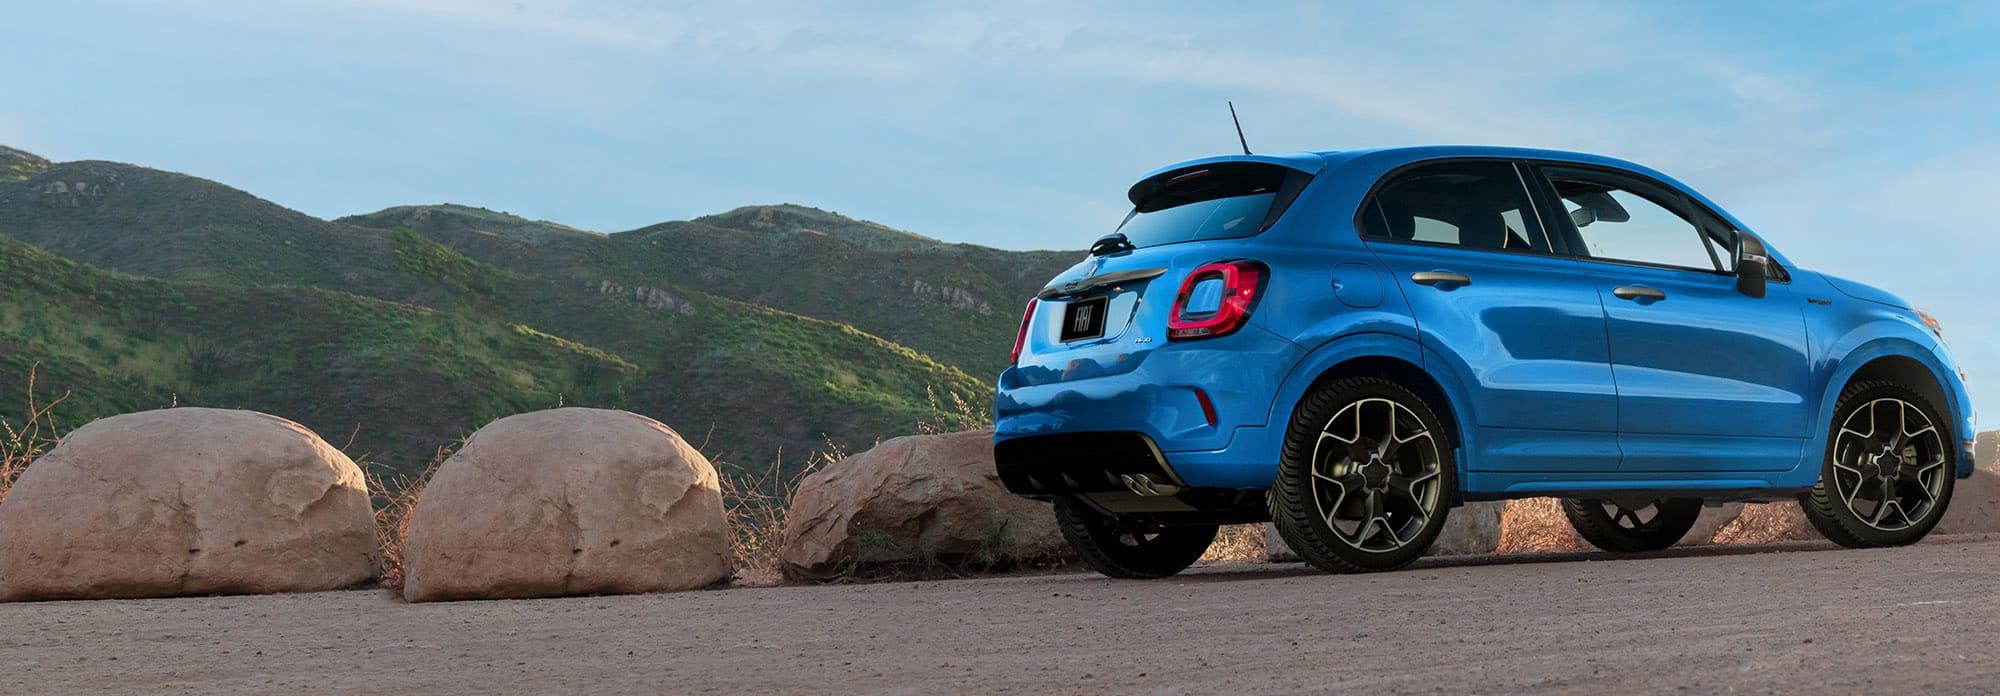 Vista delantera de medio perfil de unFiat500X Sport2021 azul estacionado en un costado, con montañas de fondo.